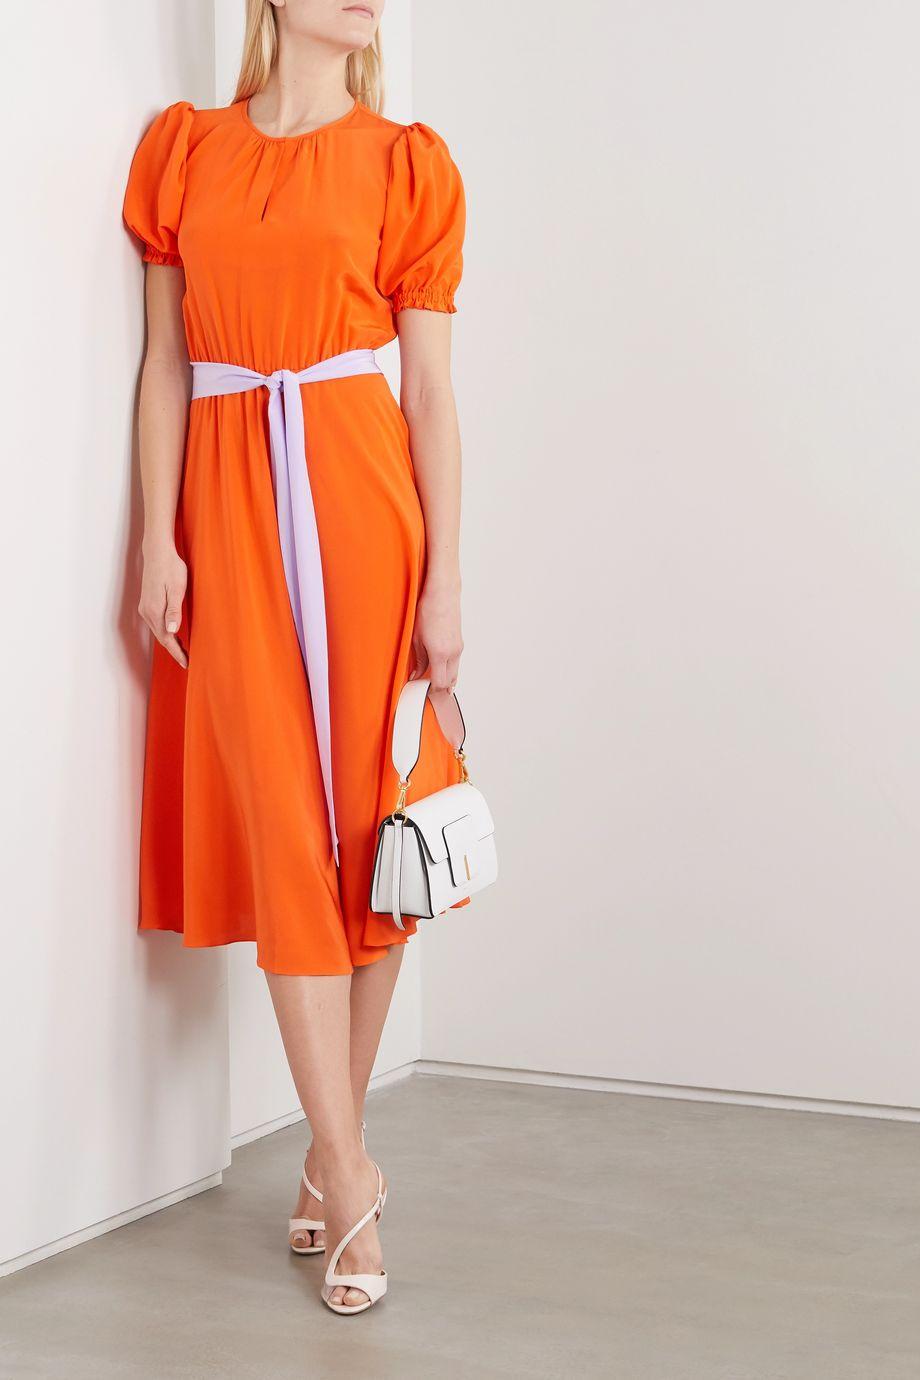 ARoss Girl x Soler Ines belted silk crepe de chine dress